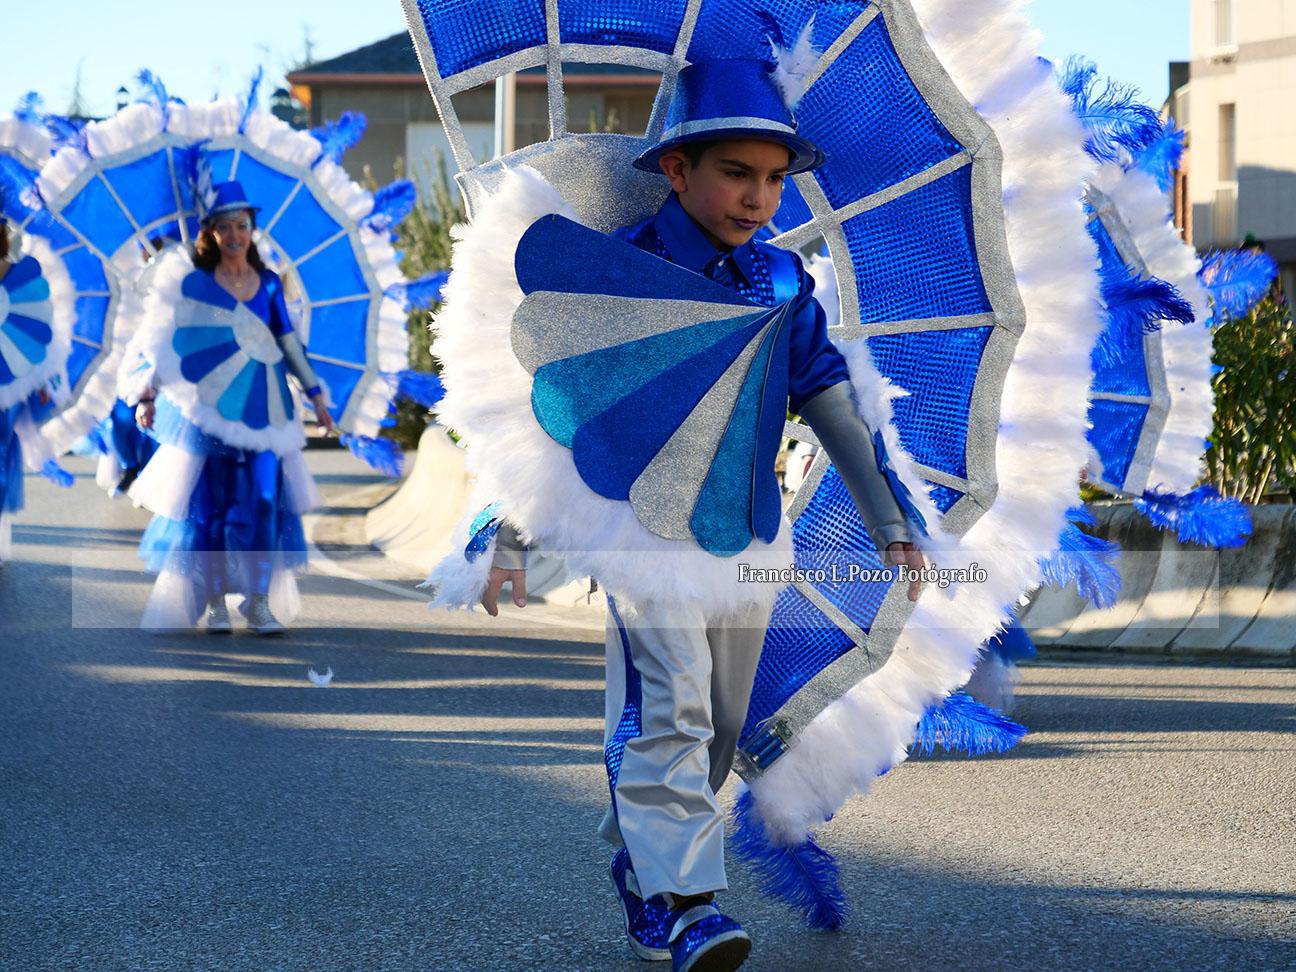 Carnaval 2020: Camponaraya sale a la calle a ritmo de comparsa 29